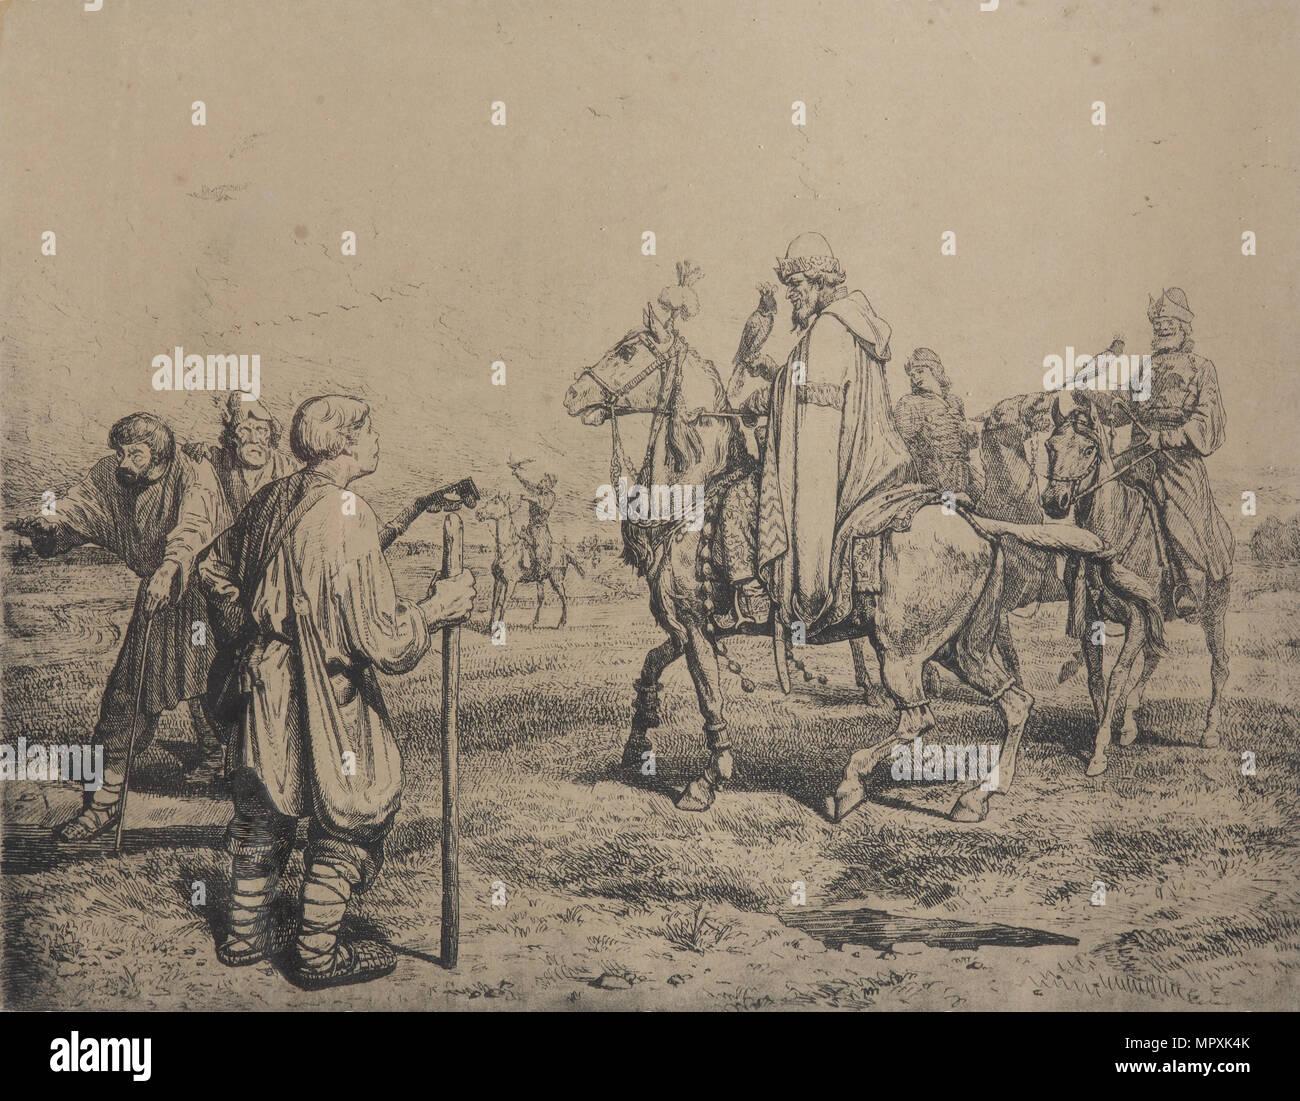 Tsar Ivan the Terrible at the Falconry, 1872. - Stock Image